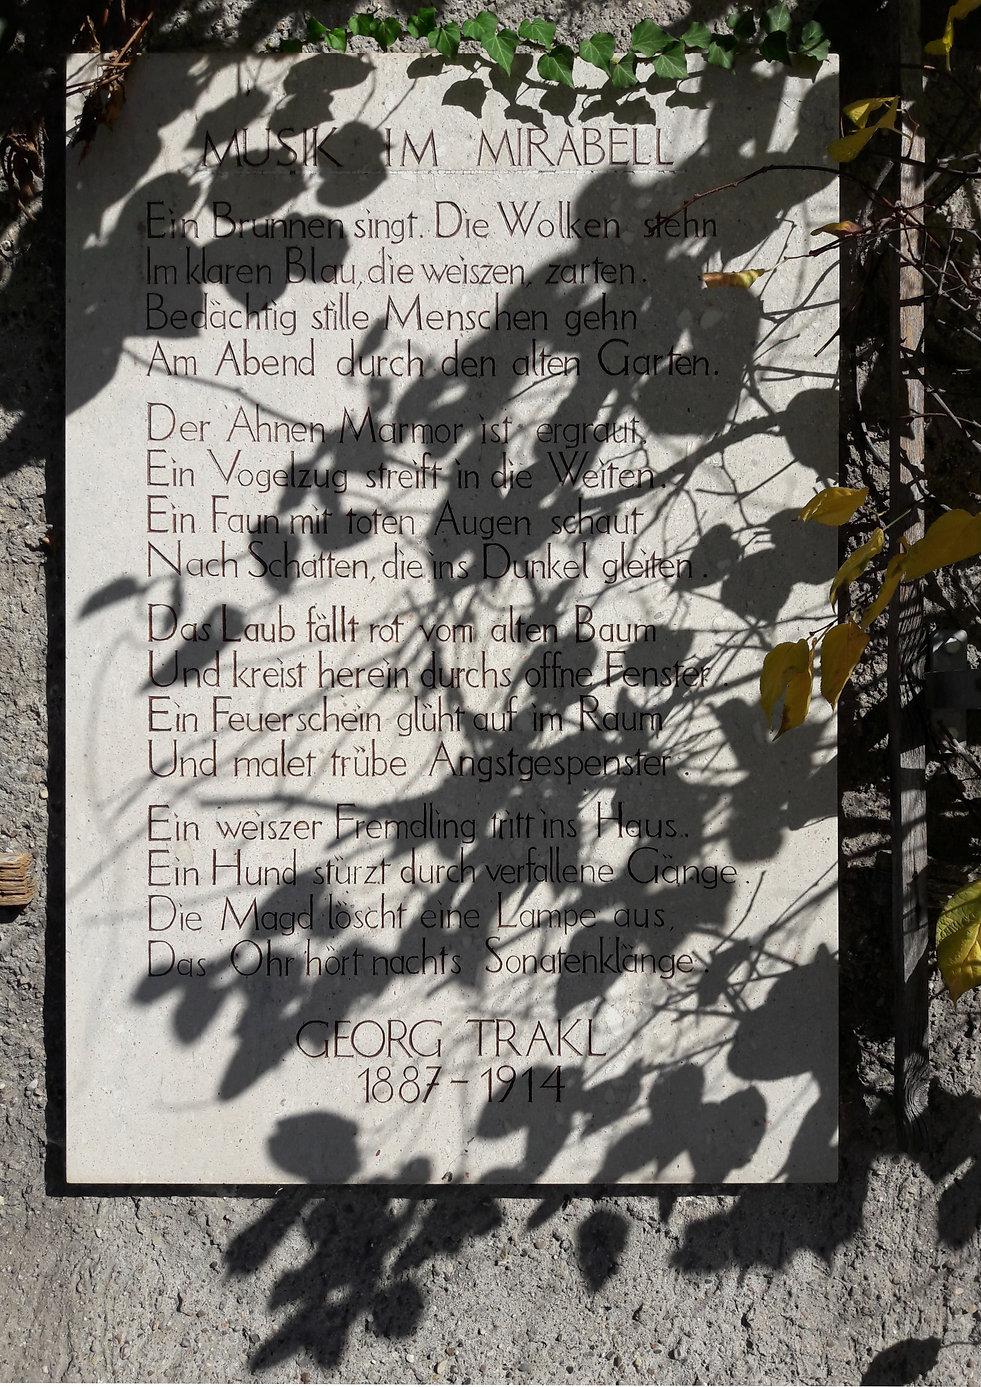 Christiaan Tonnis Salzburg Georg Trakl Gedicht im Mirabellgarten